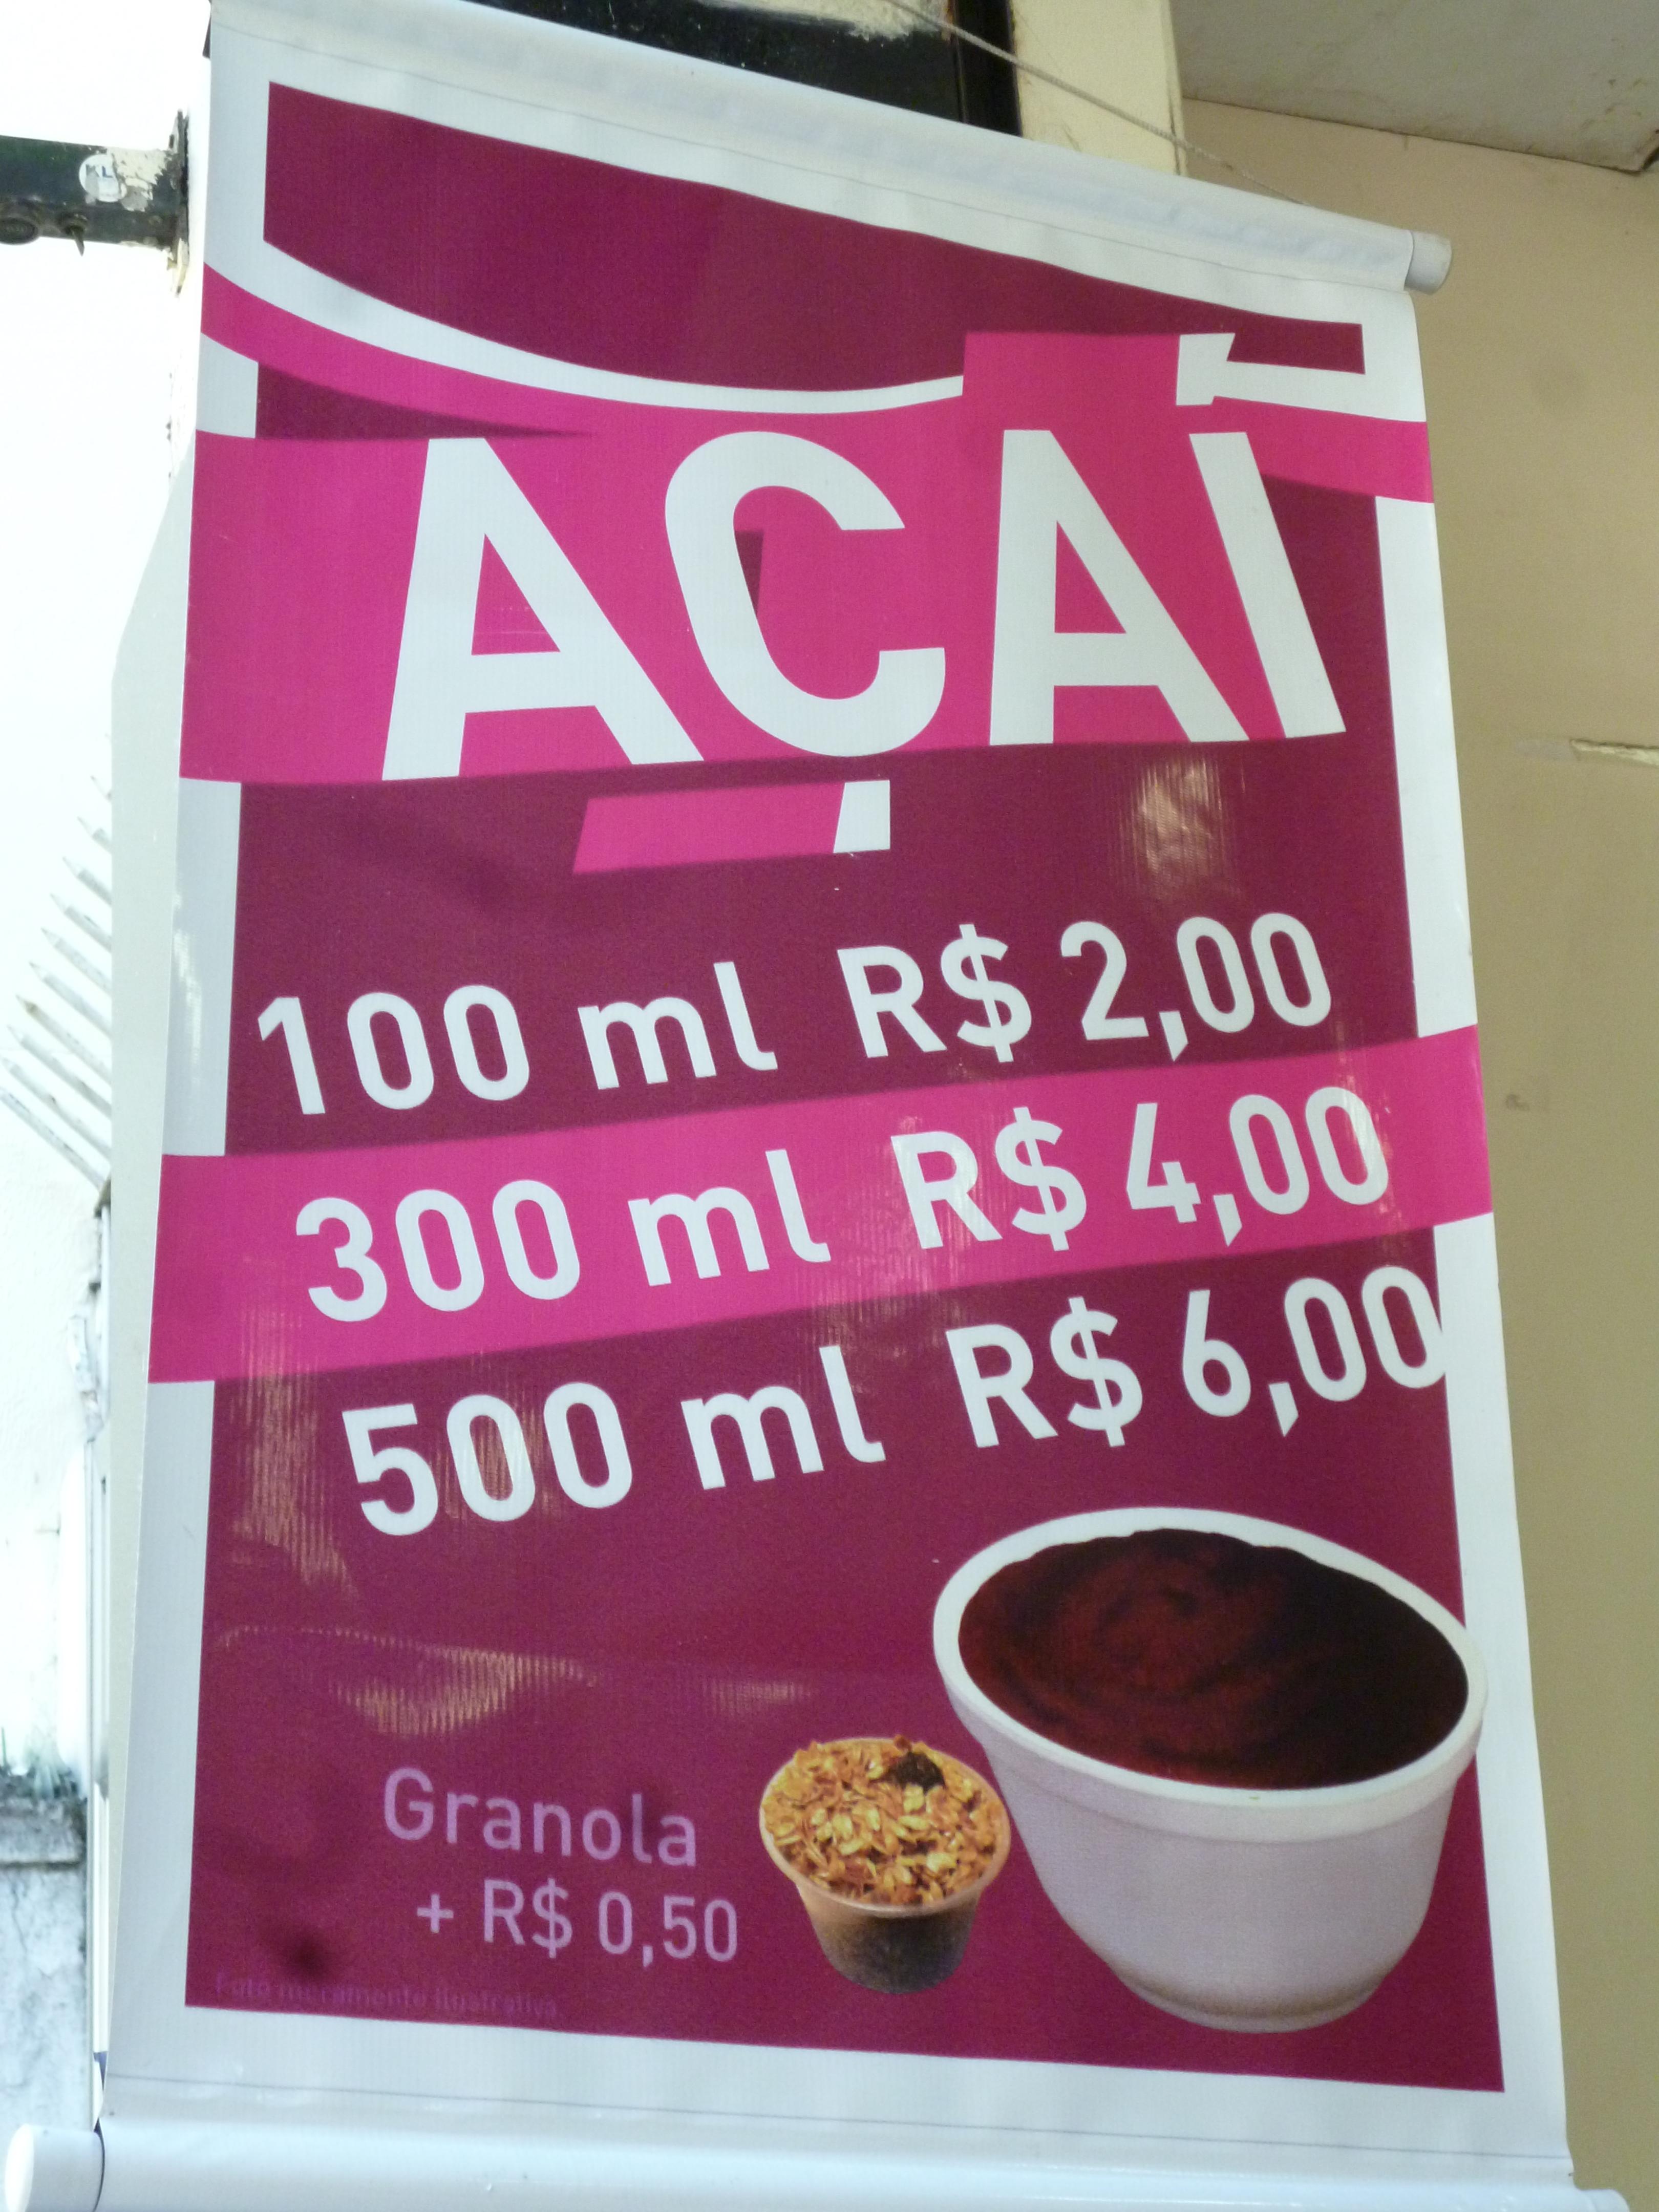 un des nombreux points de vente d'Açai, spécialité locale